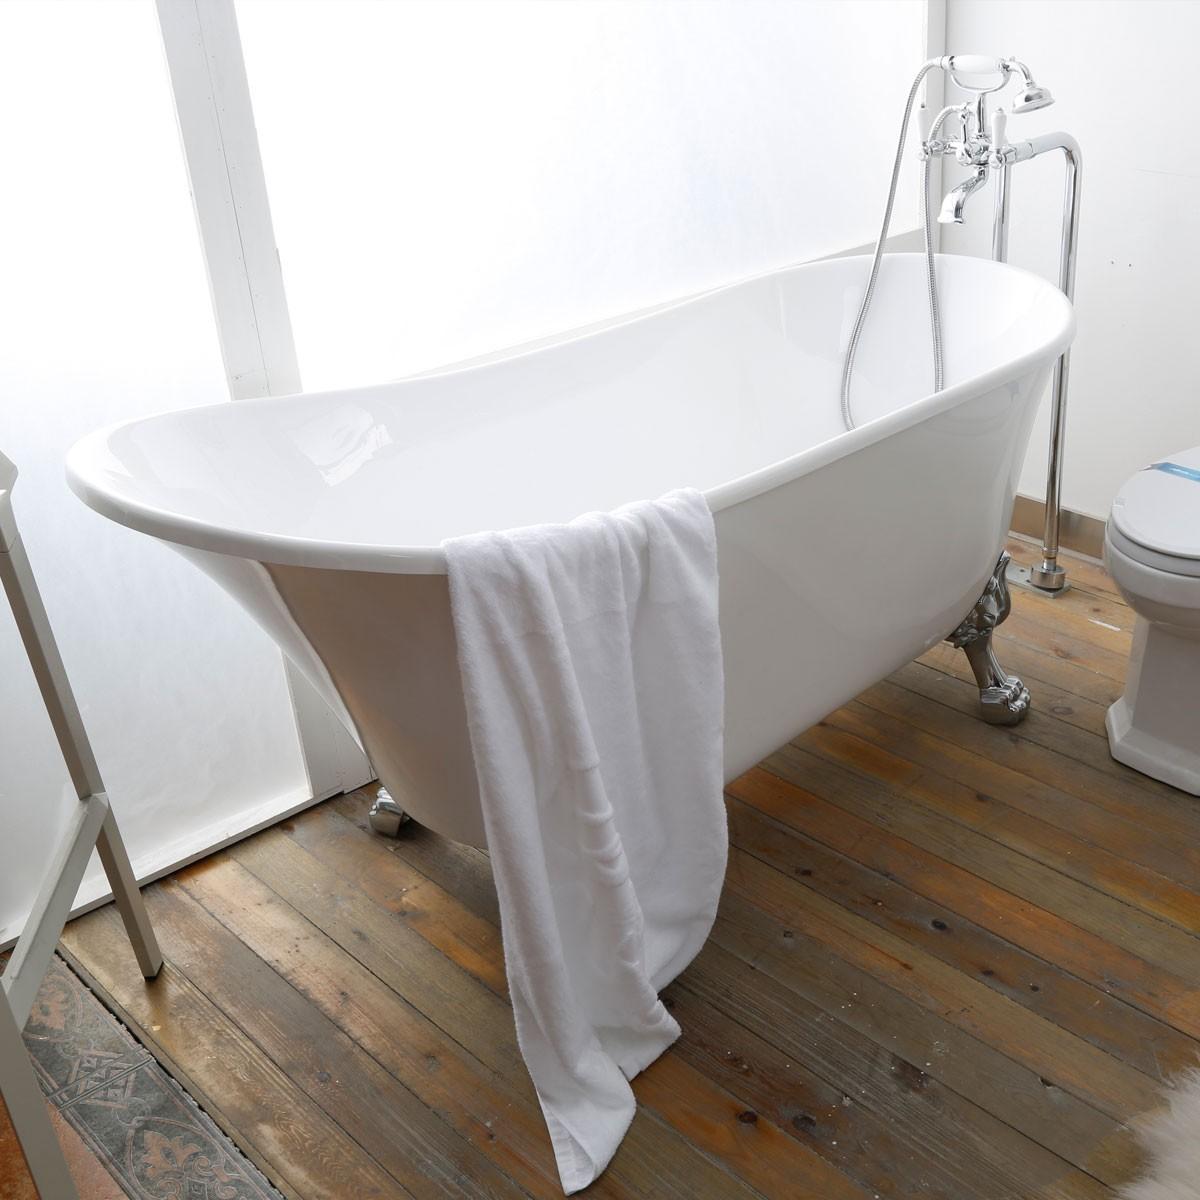 63 po baignoire sur pattes en acrylique de salle de bain blanc de niege dk pw 1675w Baignoire acrylique salle bains